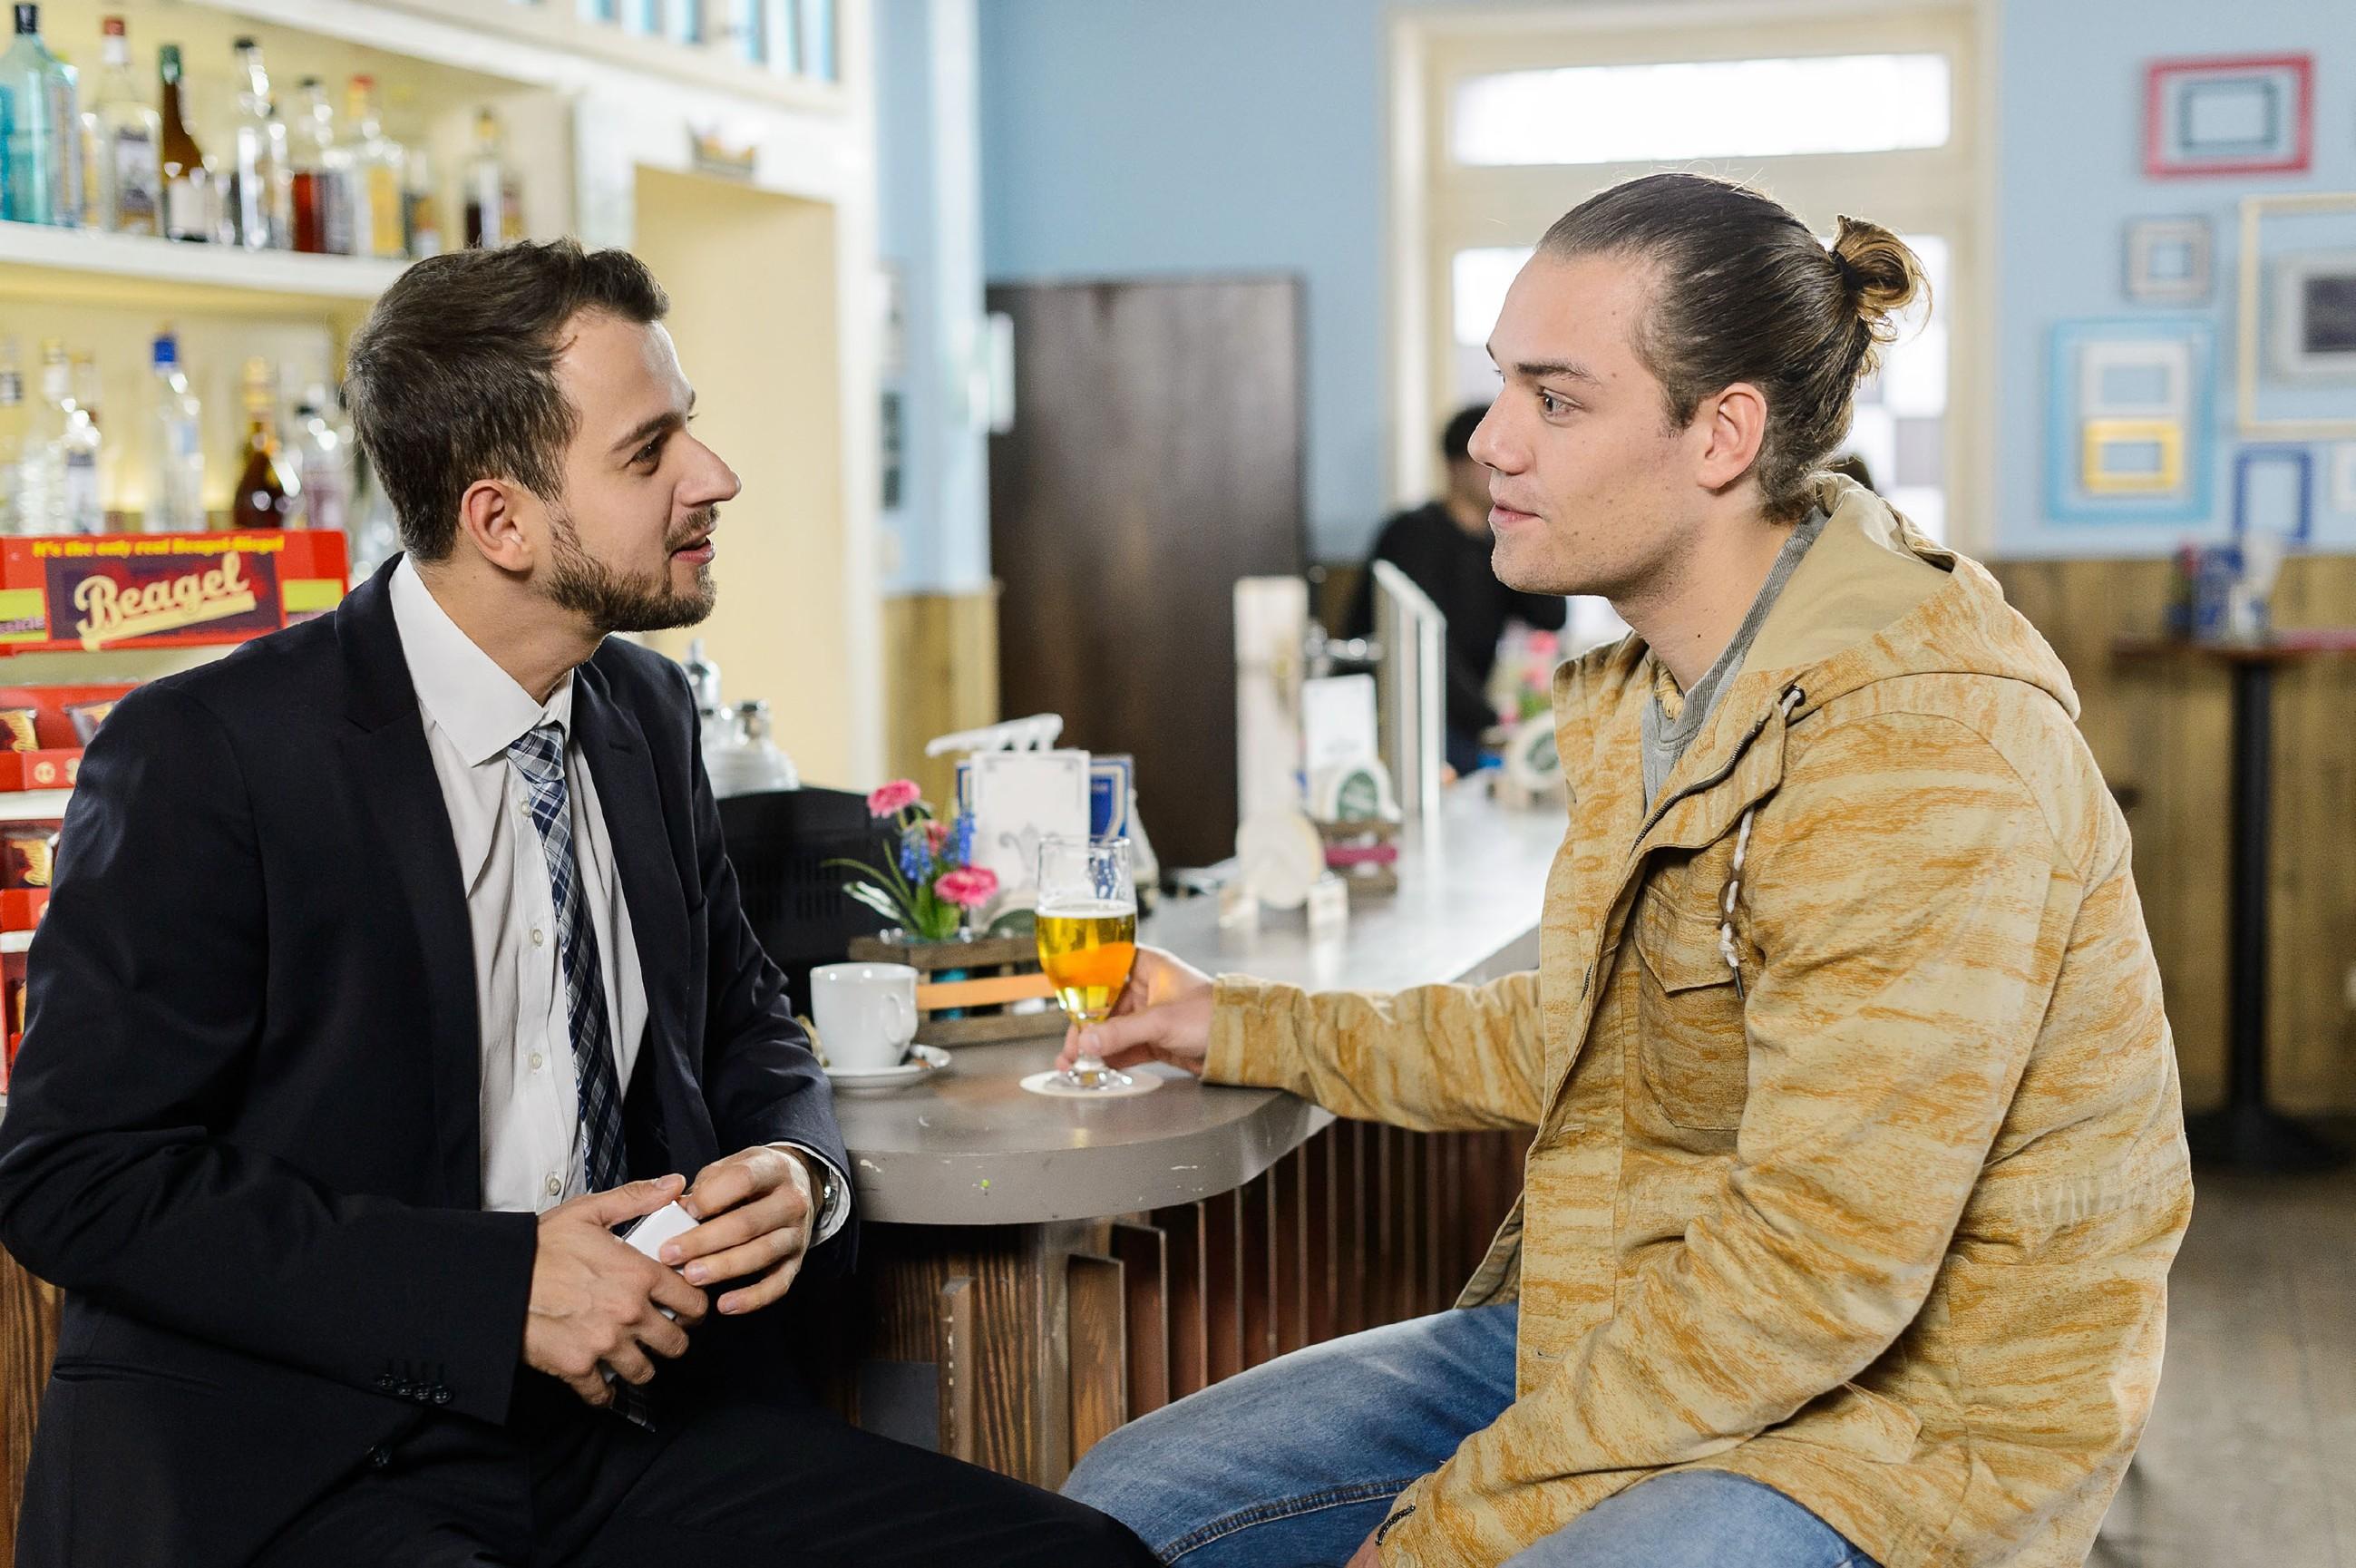 Leo (Julian Bayer, r.) muss einsehen, dass Tobi (Michael Jassin) mit seiner Behauptung, dass Leo sich eine Fernbeziehung zu Marie nur schön redet, Recht hat. (Quelle: RTL / Willi Weber)